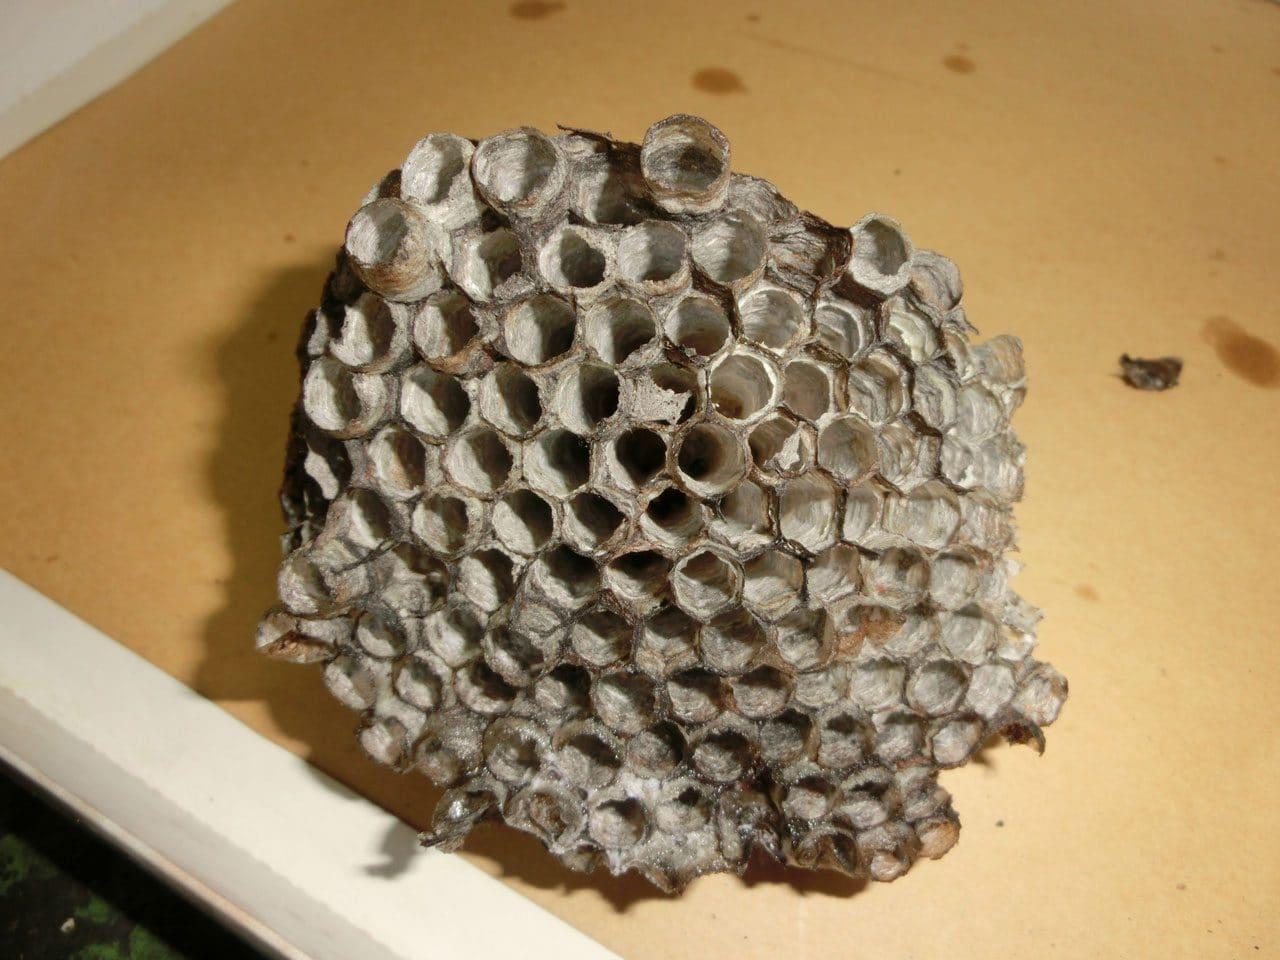 取り除いた蜂の巣